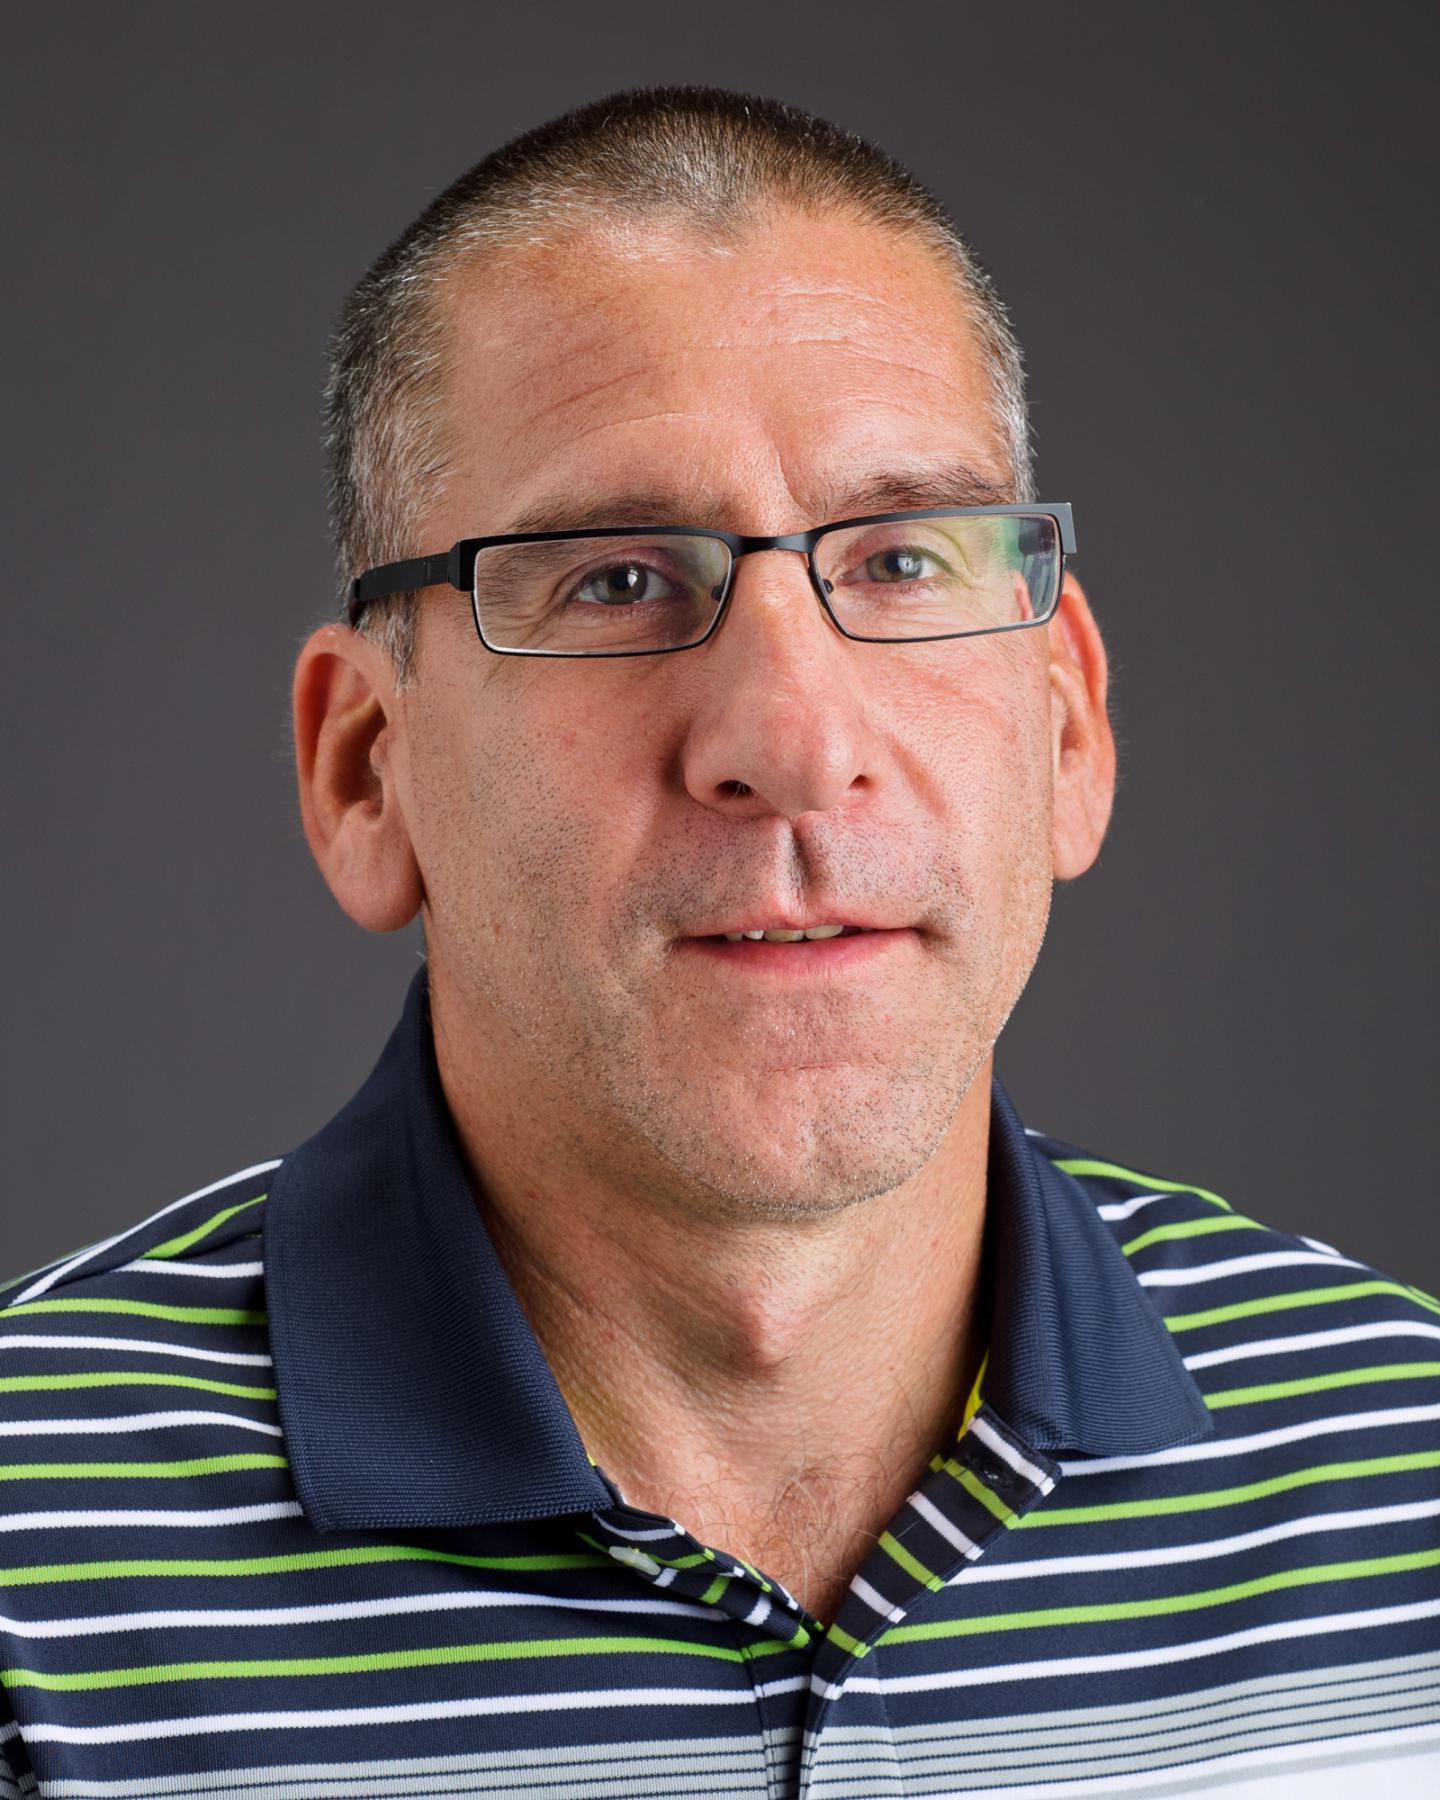 Paul Fadel, University of Texas at Arlington